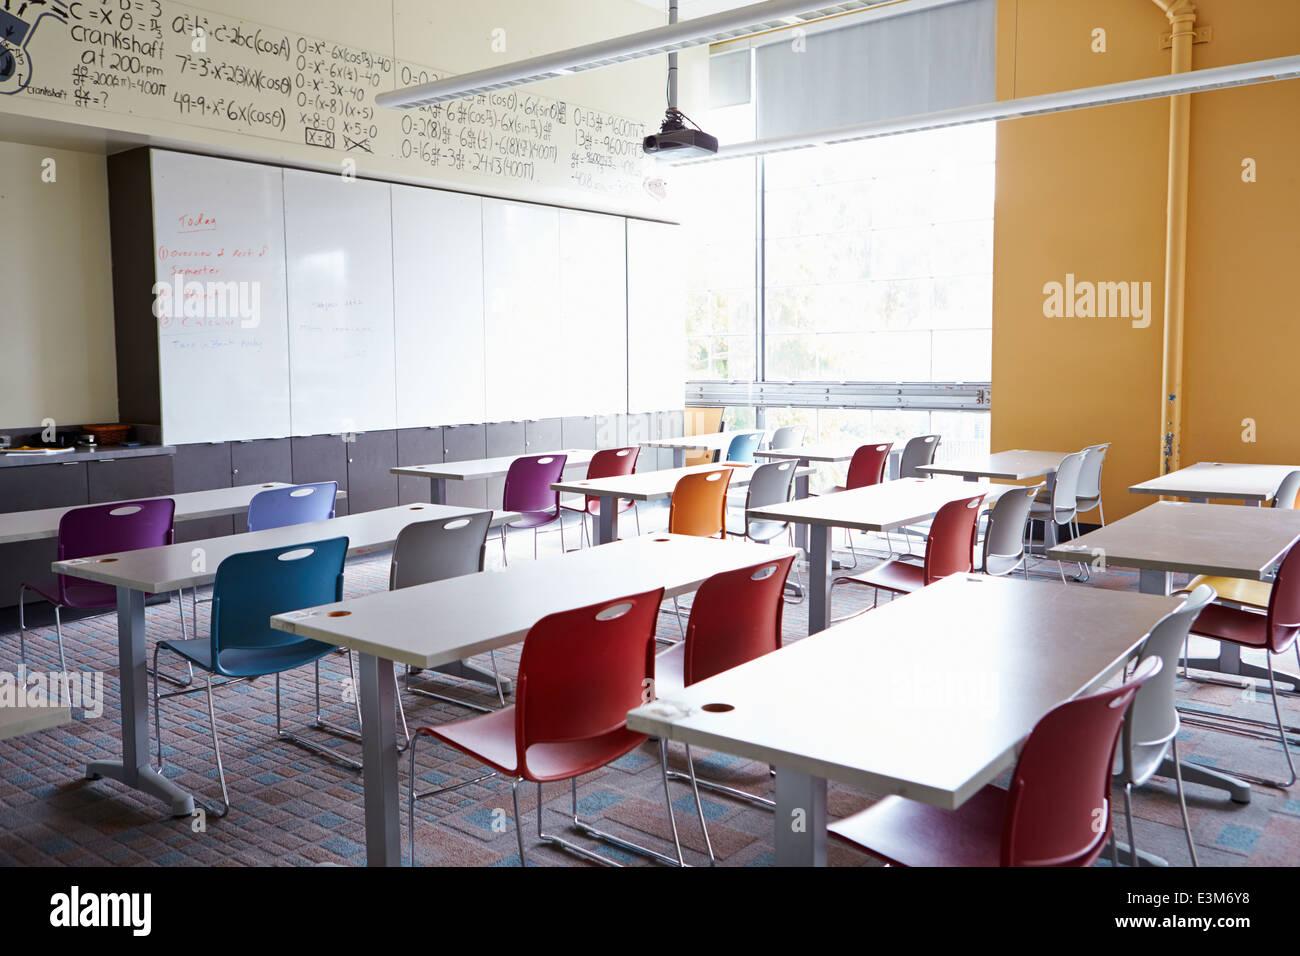 Svuotare aula scolastica Immagini Stock